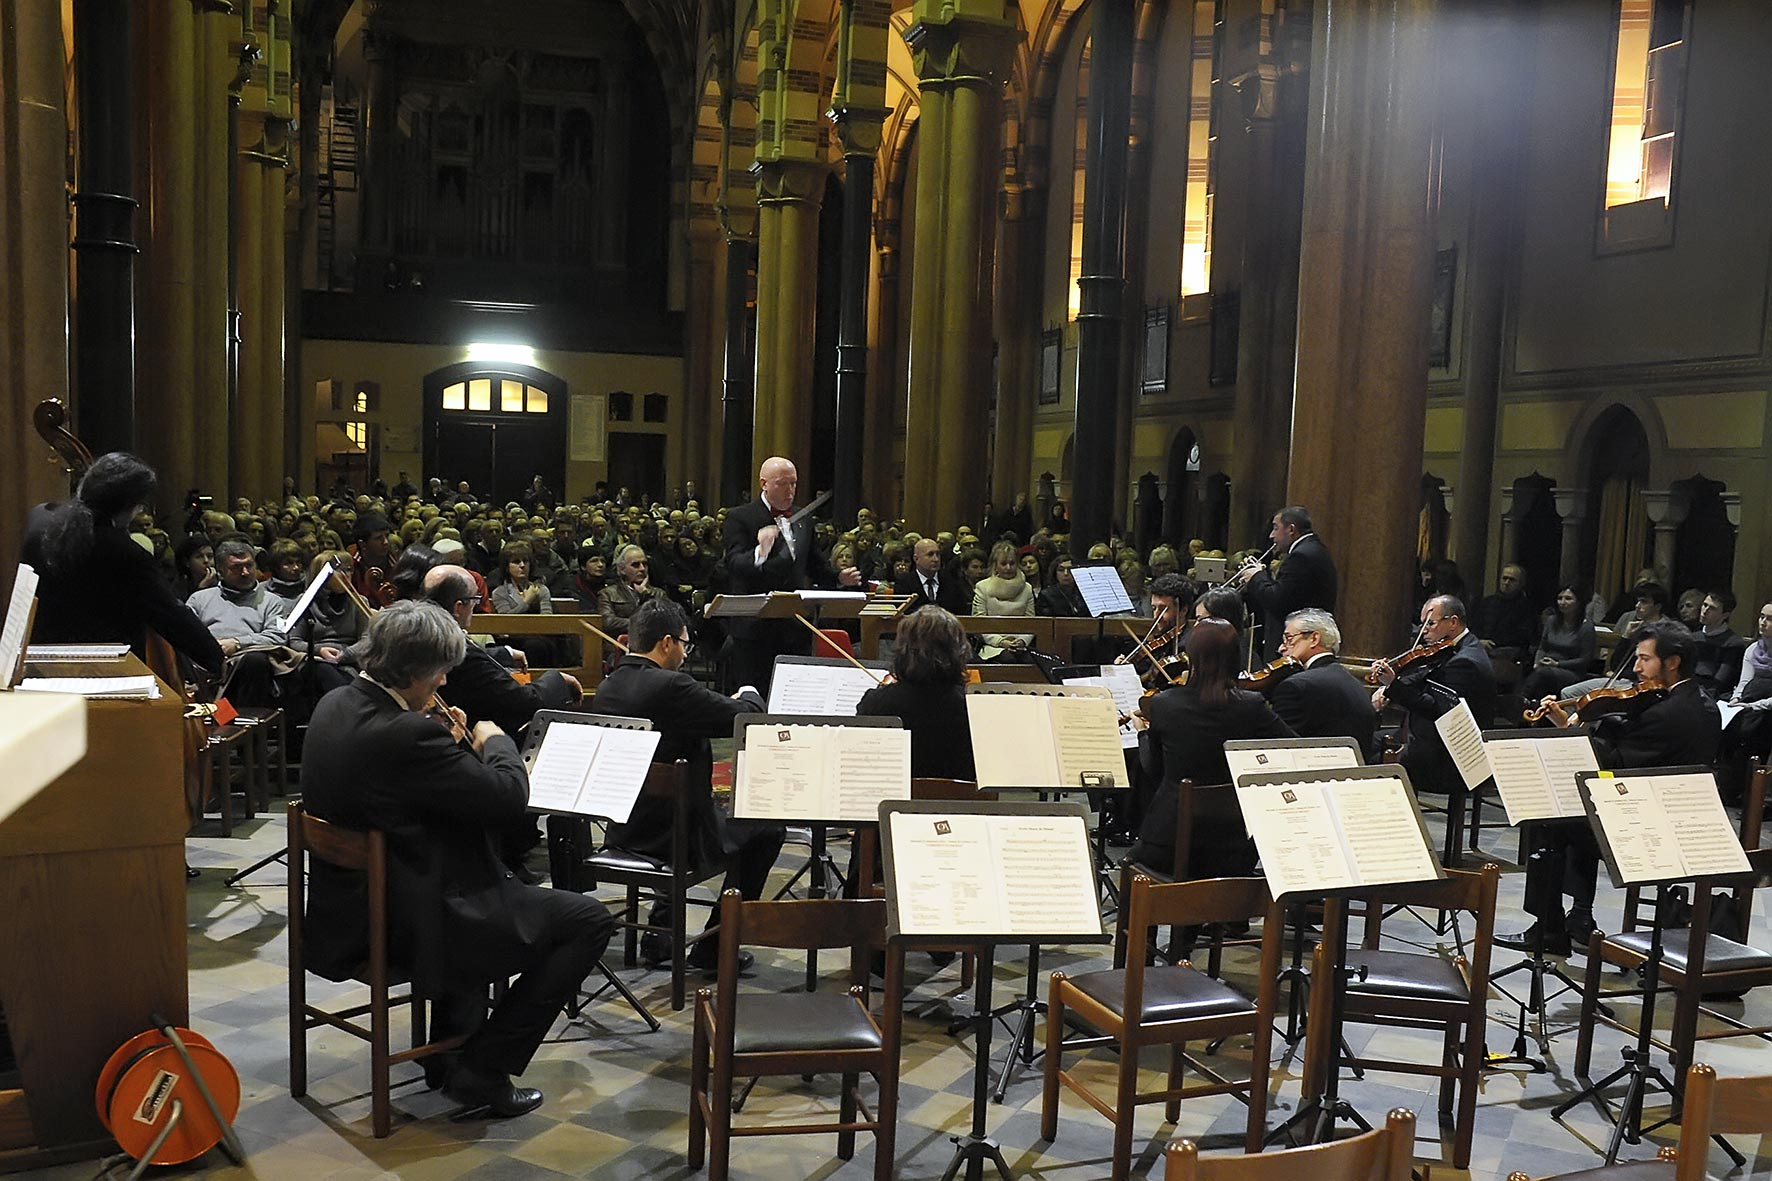 Concerto di Natale del Coro Polifonico Astense 2012